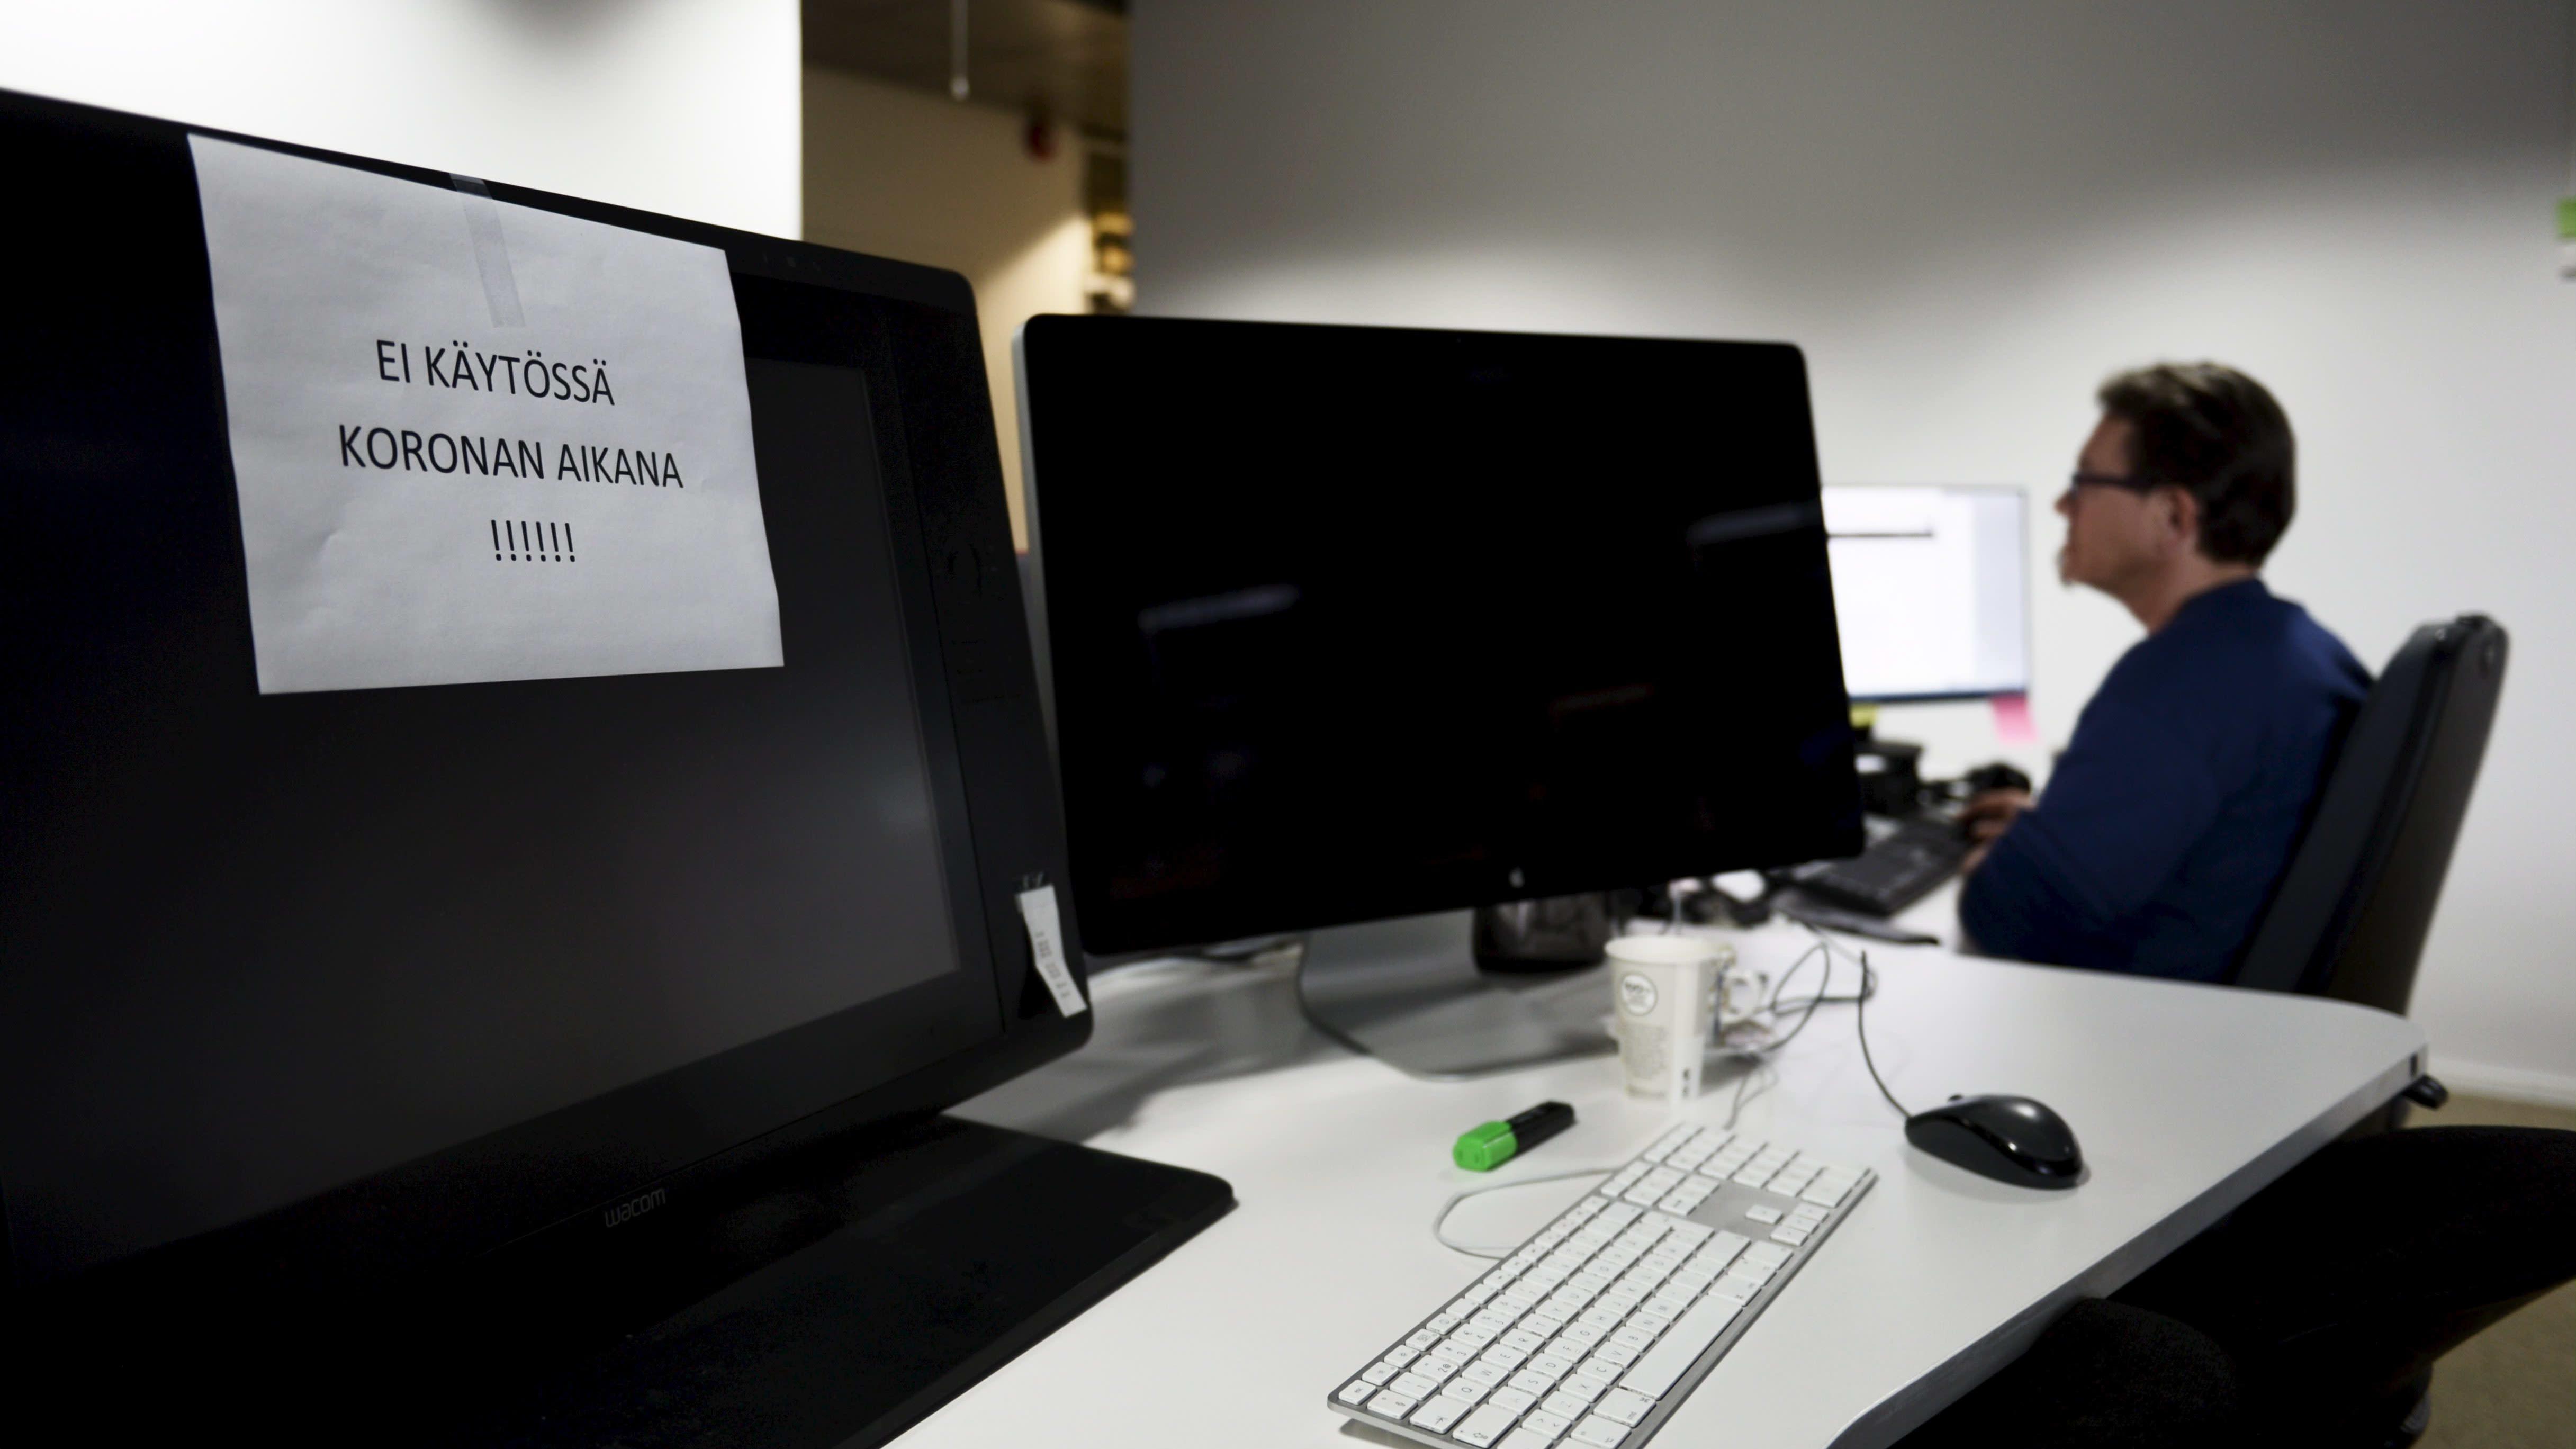 Ei käytössä koronan aikana -lappu tietokoneen näytöllä toimistossa Helsingissä 28. toukokuuta 2020.